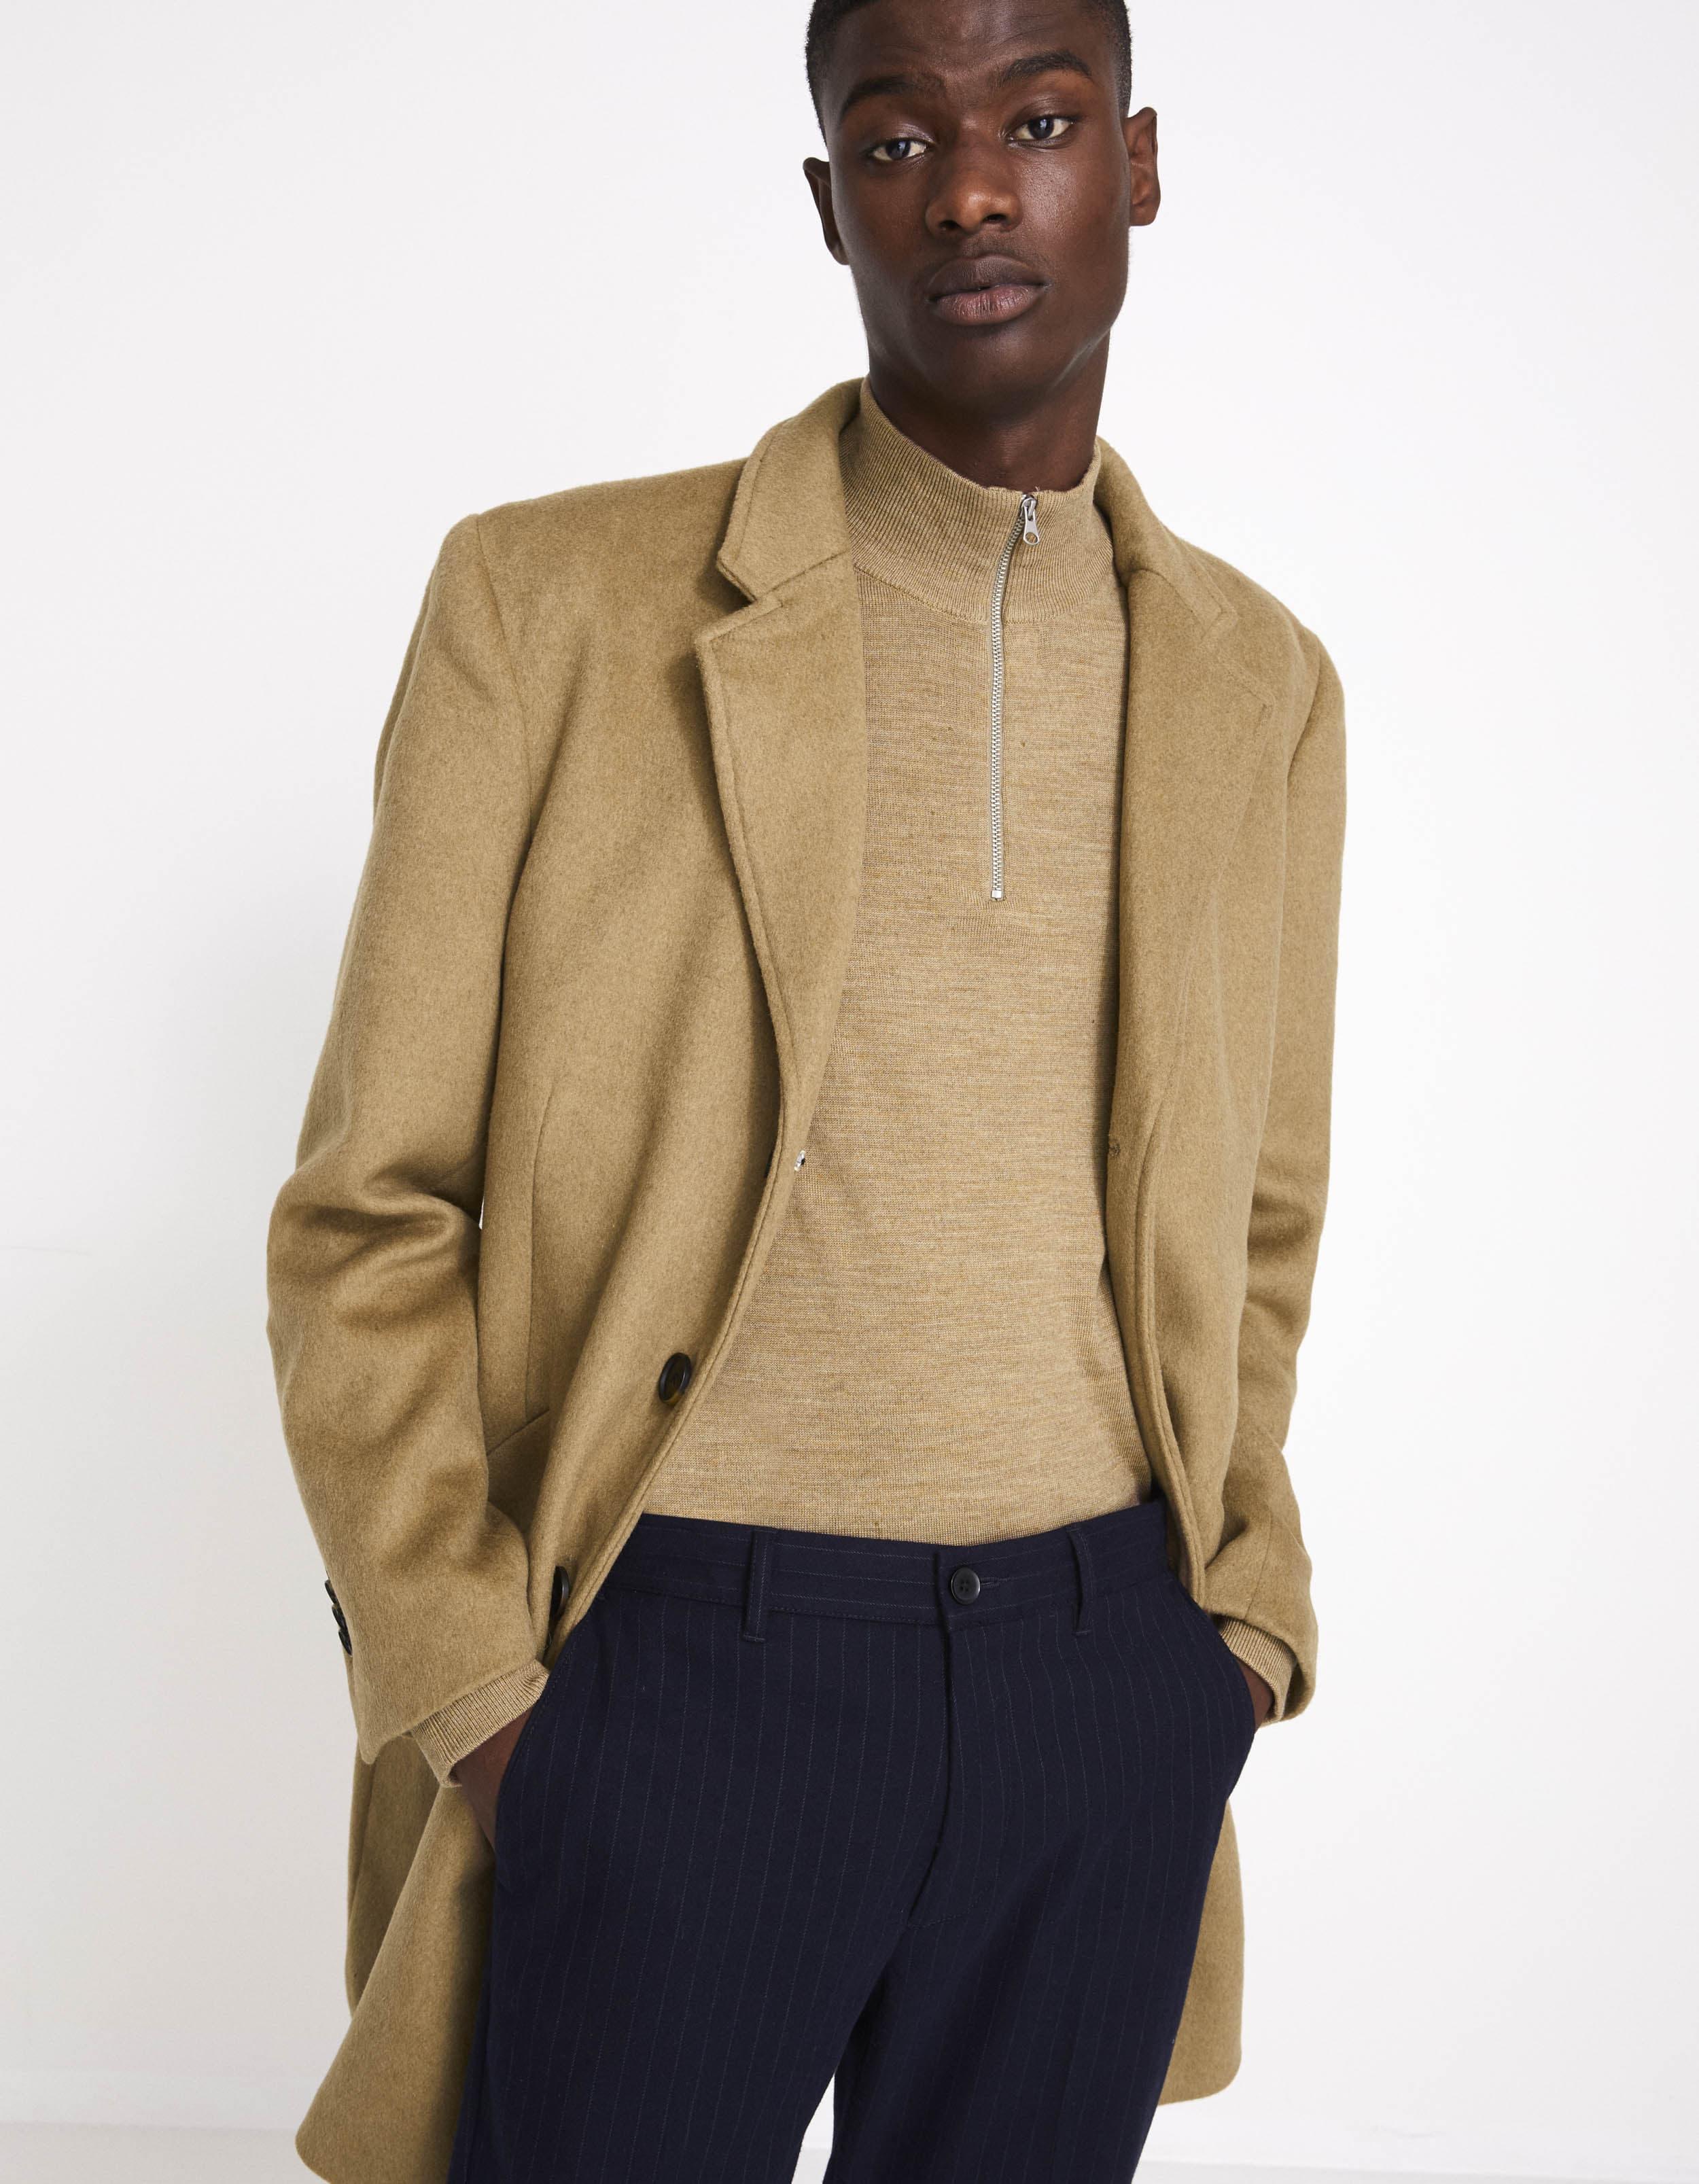 Manteau long laine mélangée – camel Celio prix 129,90 €